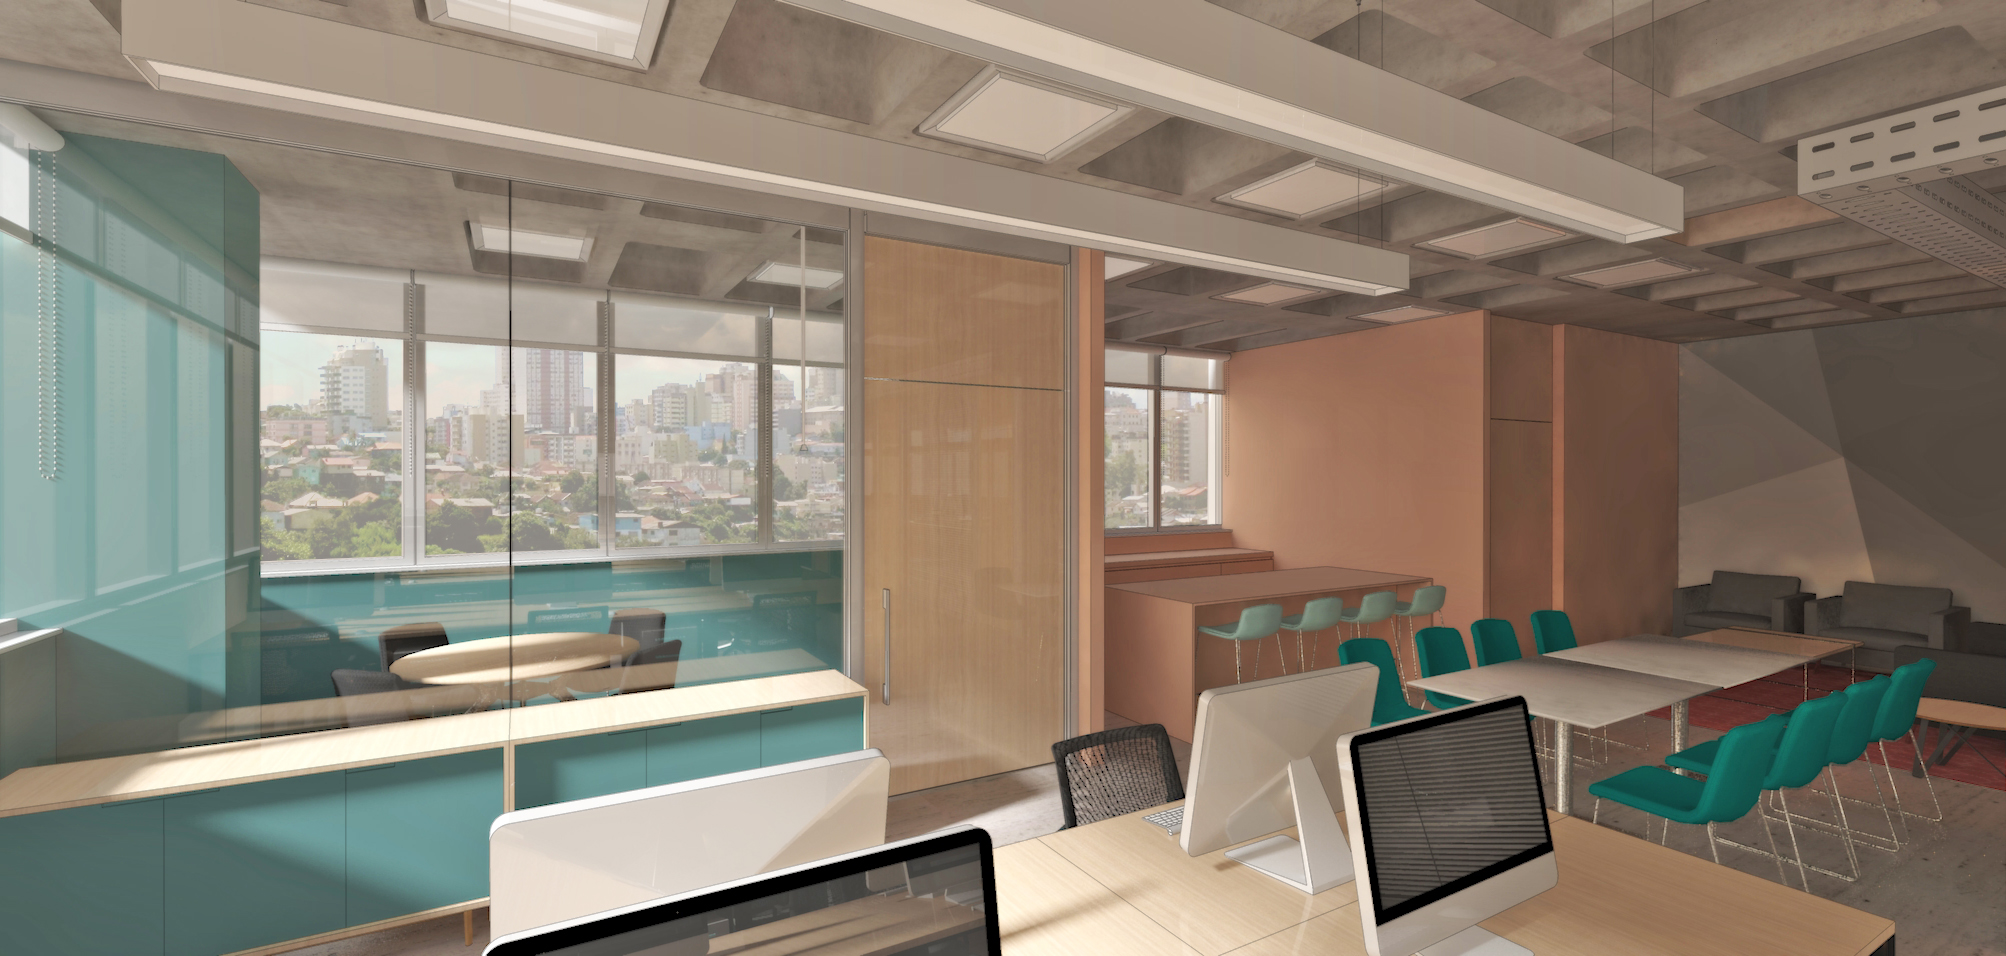 Projeto de arquitetura de interiores para sede corporativa em Belo Horizonte - MG, saiba mais clicando  AQUI